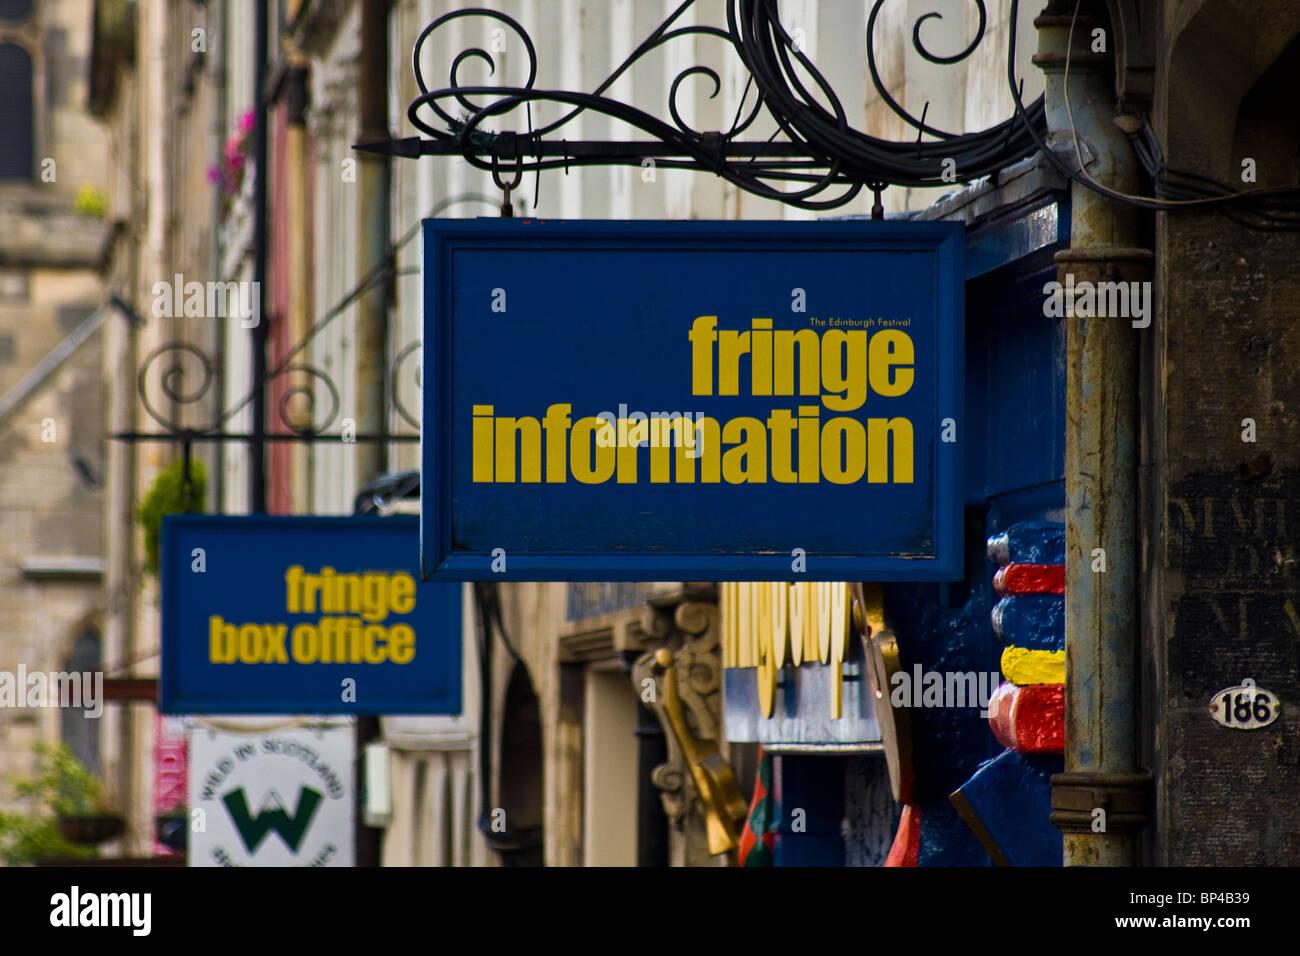 Edinburgh Festival Fringe info - Stock Image